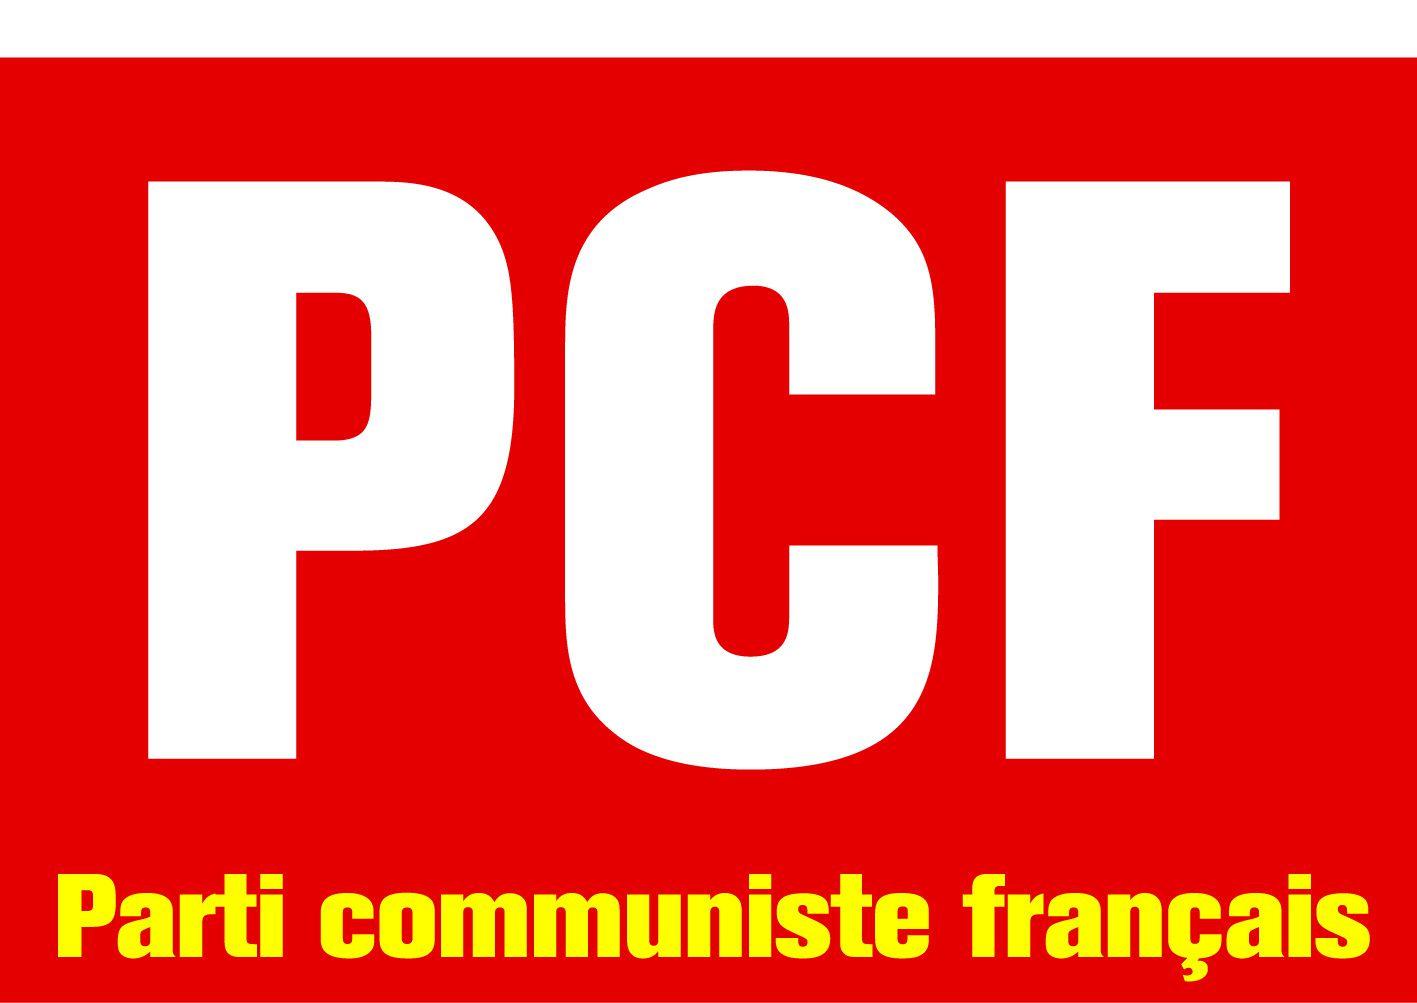 SNCF : Direction et gouvernement, le duo infernal, fossoyeur du rail public (PCF)